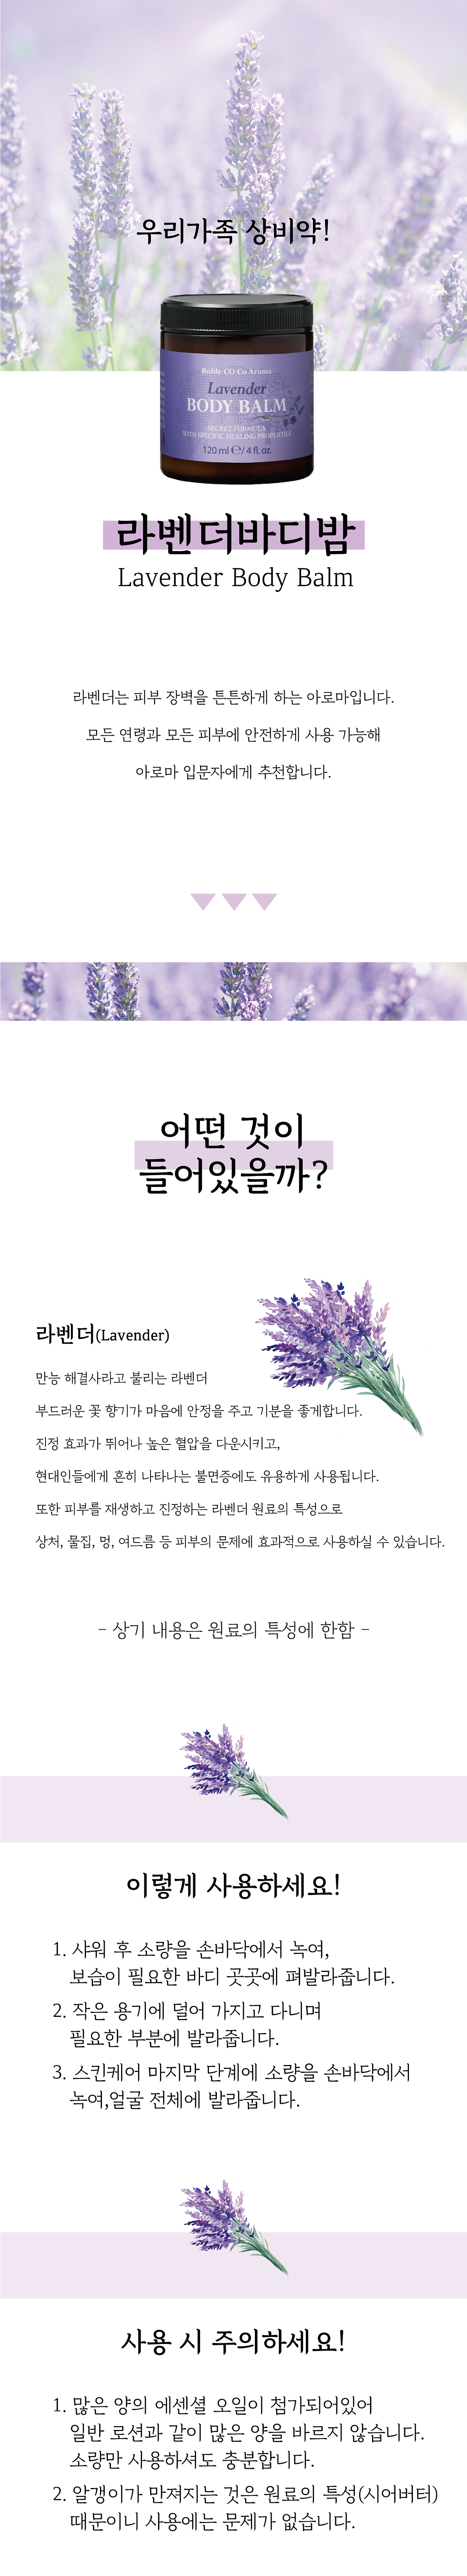 라벤더바디밤-상세.png